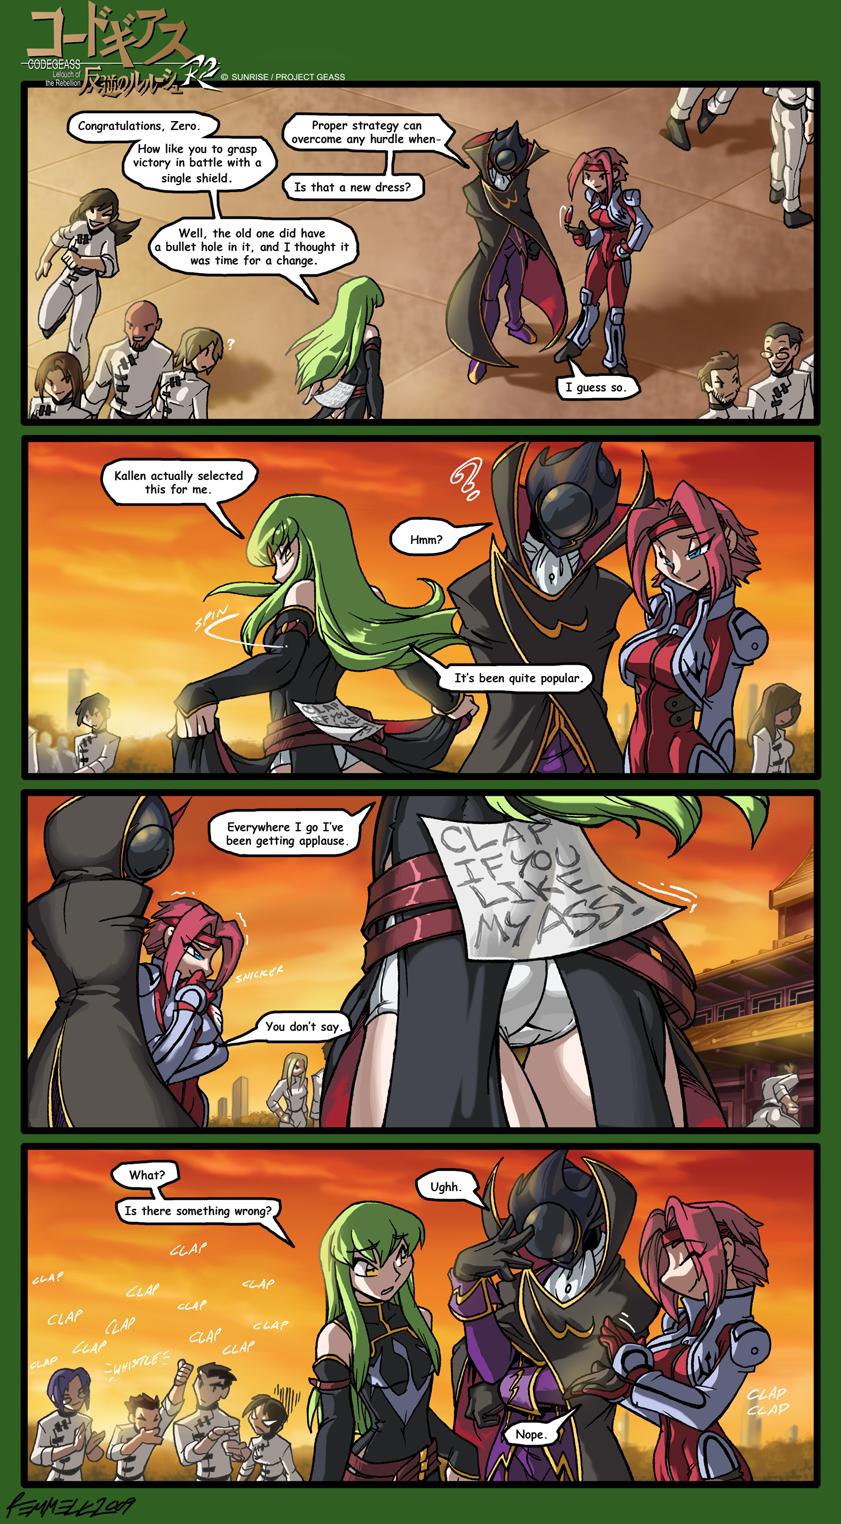 L'image drôle de la journée - Page 2 Code_Geass___That_Dress_by_FoxxFireArt